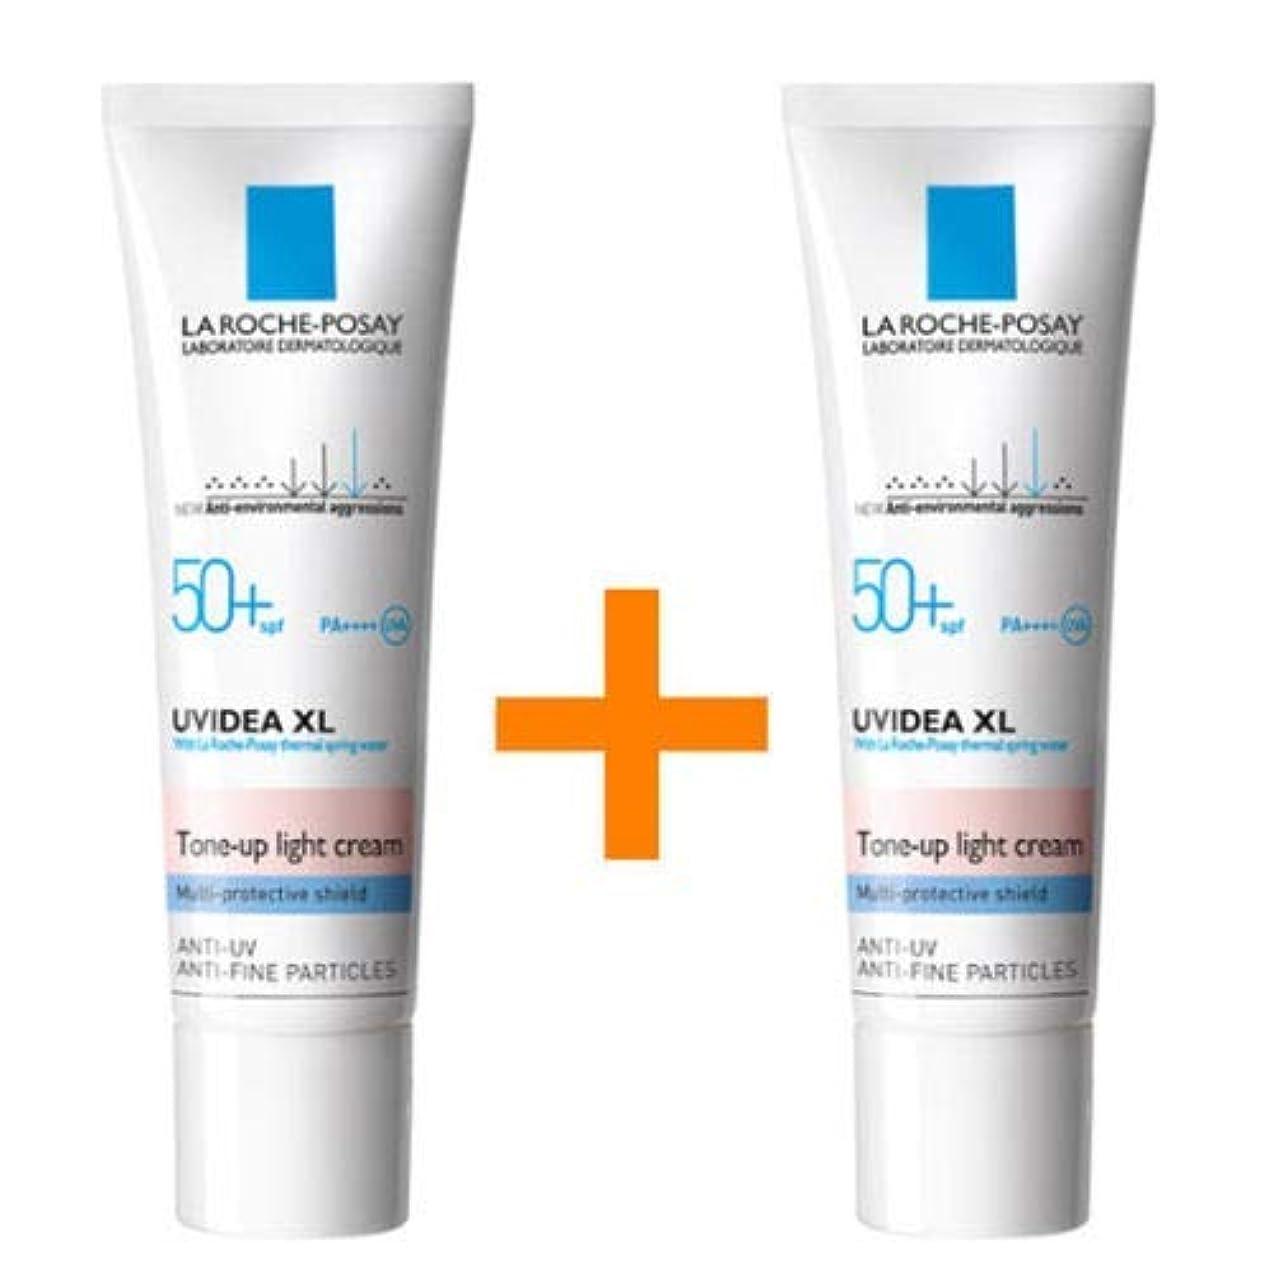 ぶどうミトン広い[ 1 + 1 ] La Roche-Posay ラロッシュポゼ UVイデア XL プロテクショントーンアップ Uvidea XL Tone-up Light Cream (30ml)